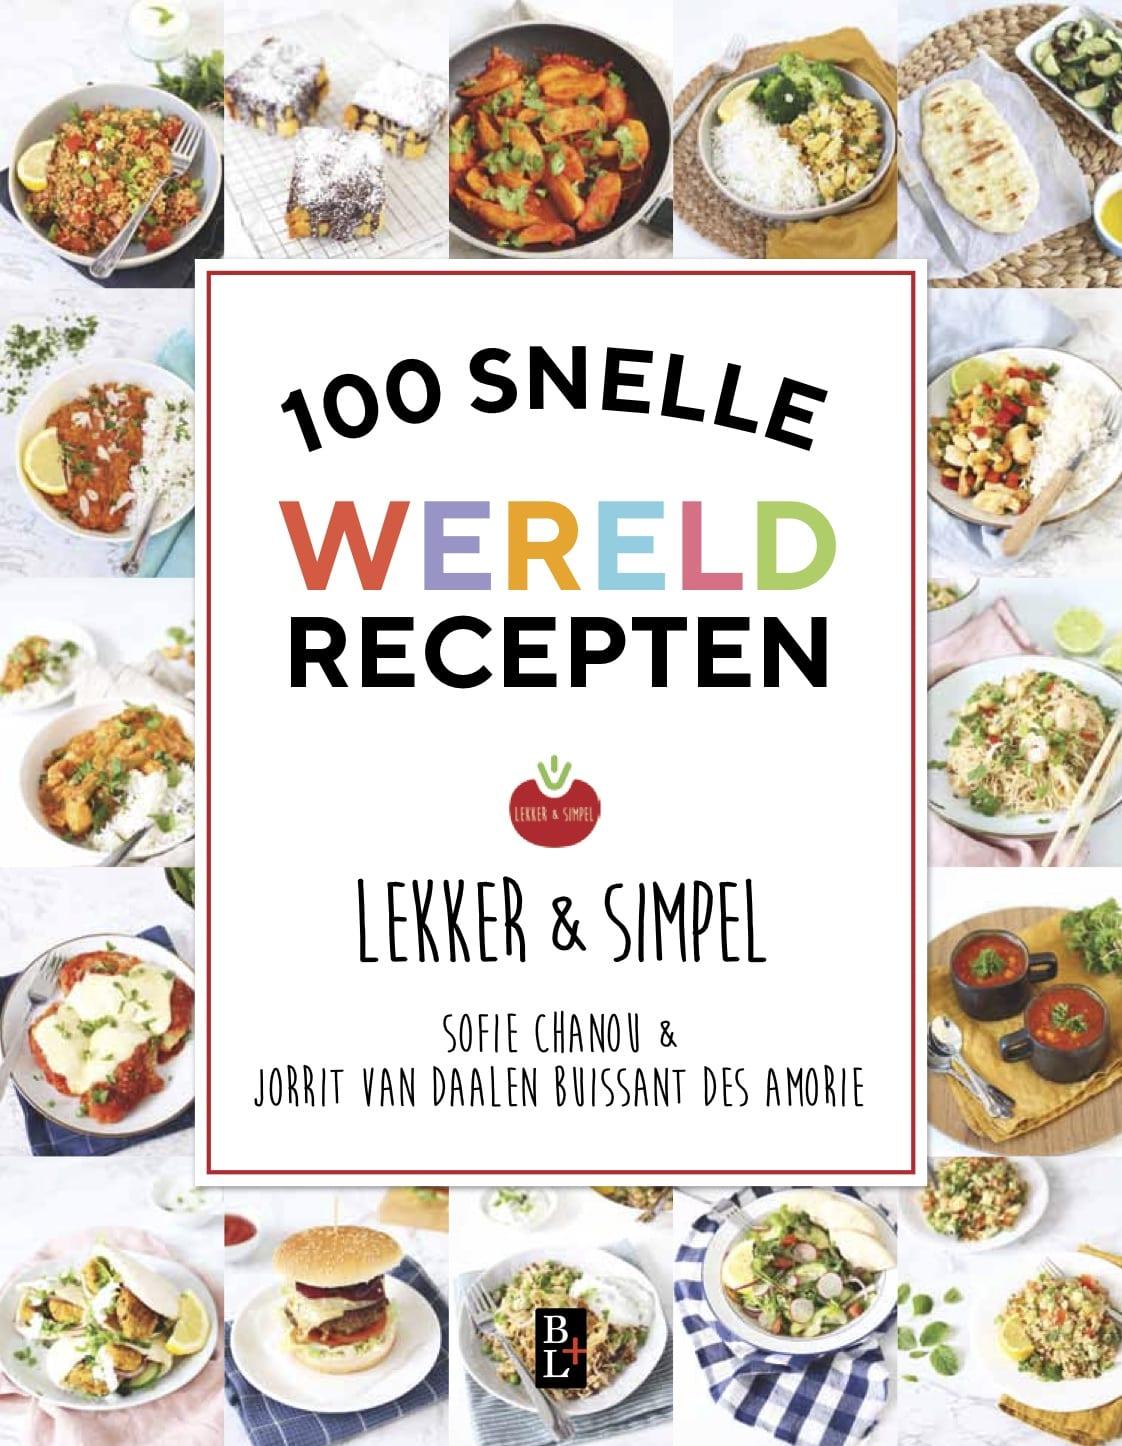 Lekker en Simpel 100 snelle wereldrecepten!!